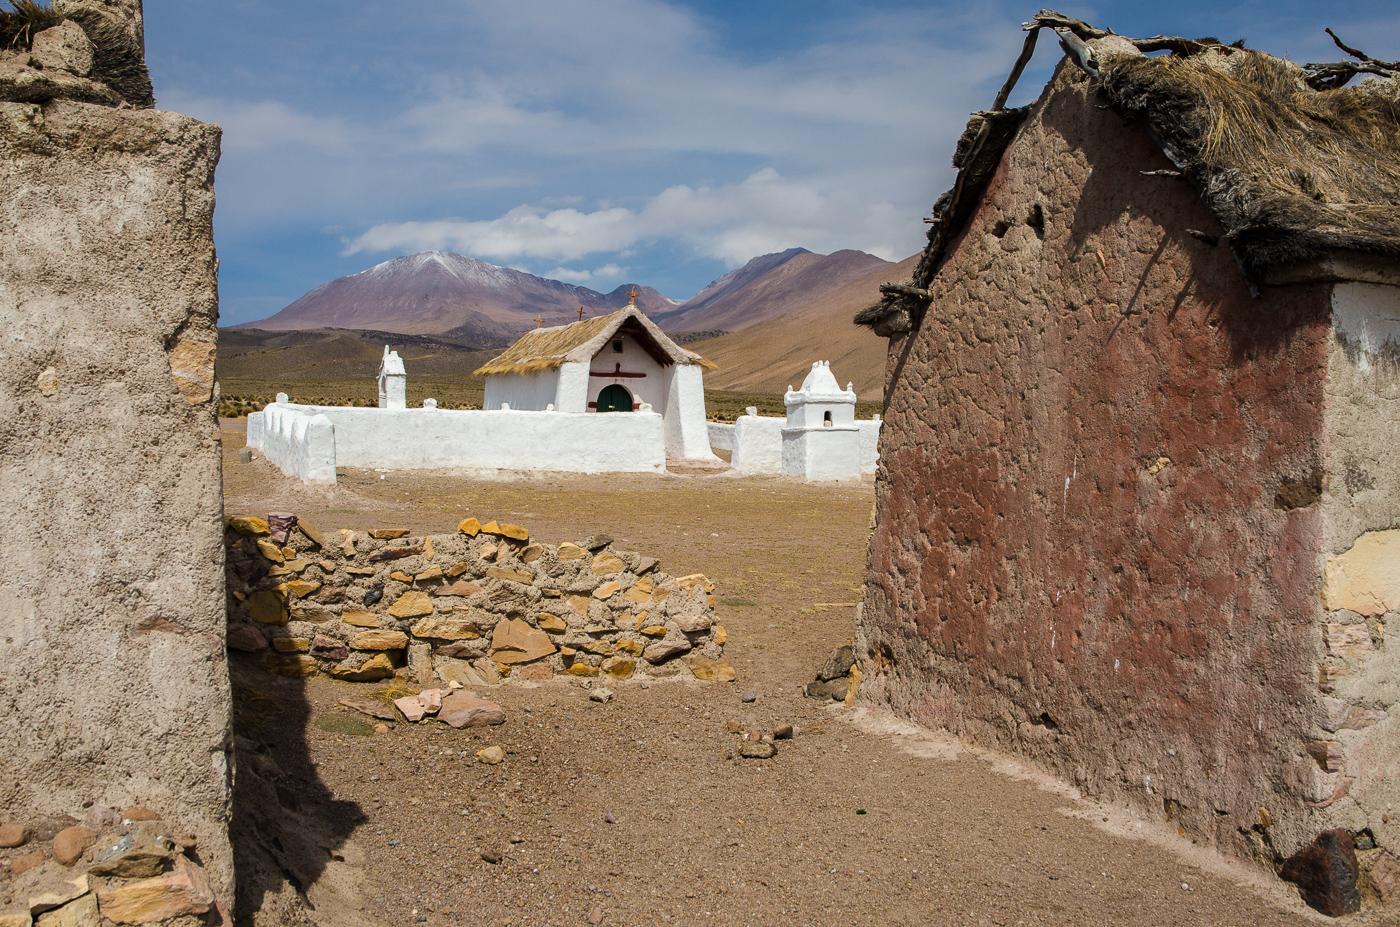 Jedna z více zachovalých osad při cestě ze Salar Surire do parku Isluga. Nikde ani živáčka, místní původní obyvatele se prý přestěhovali do měst dole u pobřeží.